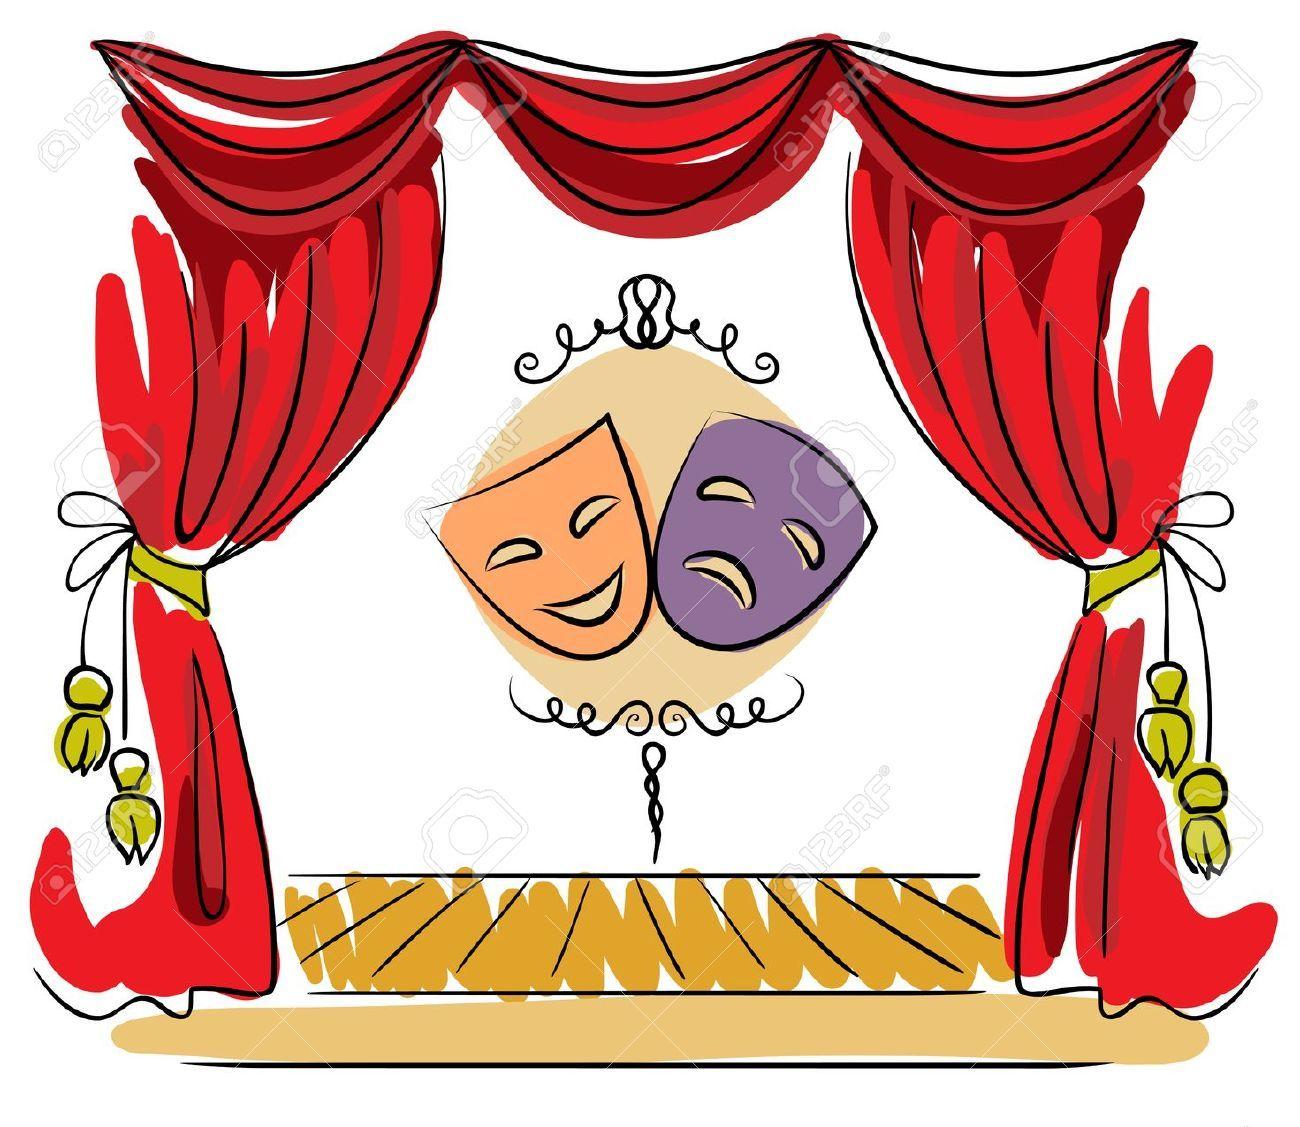 Imagen Relacionada Imagenes De Teatro Dibujos De Teatro Dibujos Para Caratulas